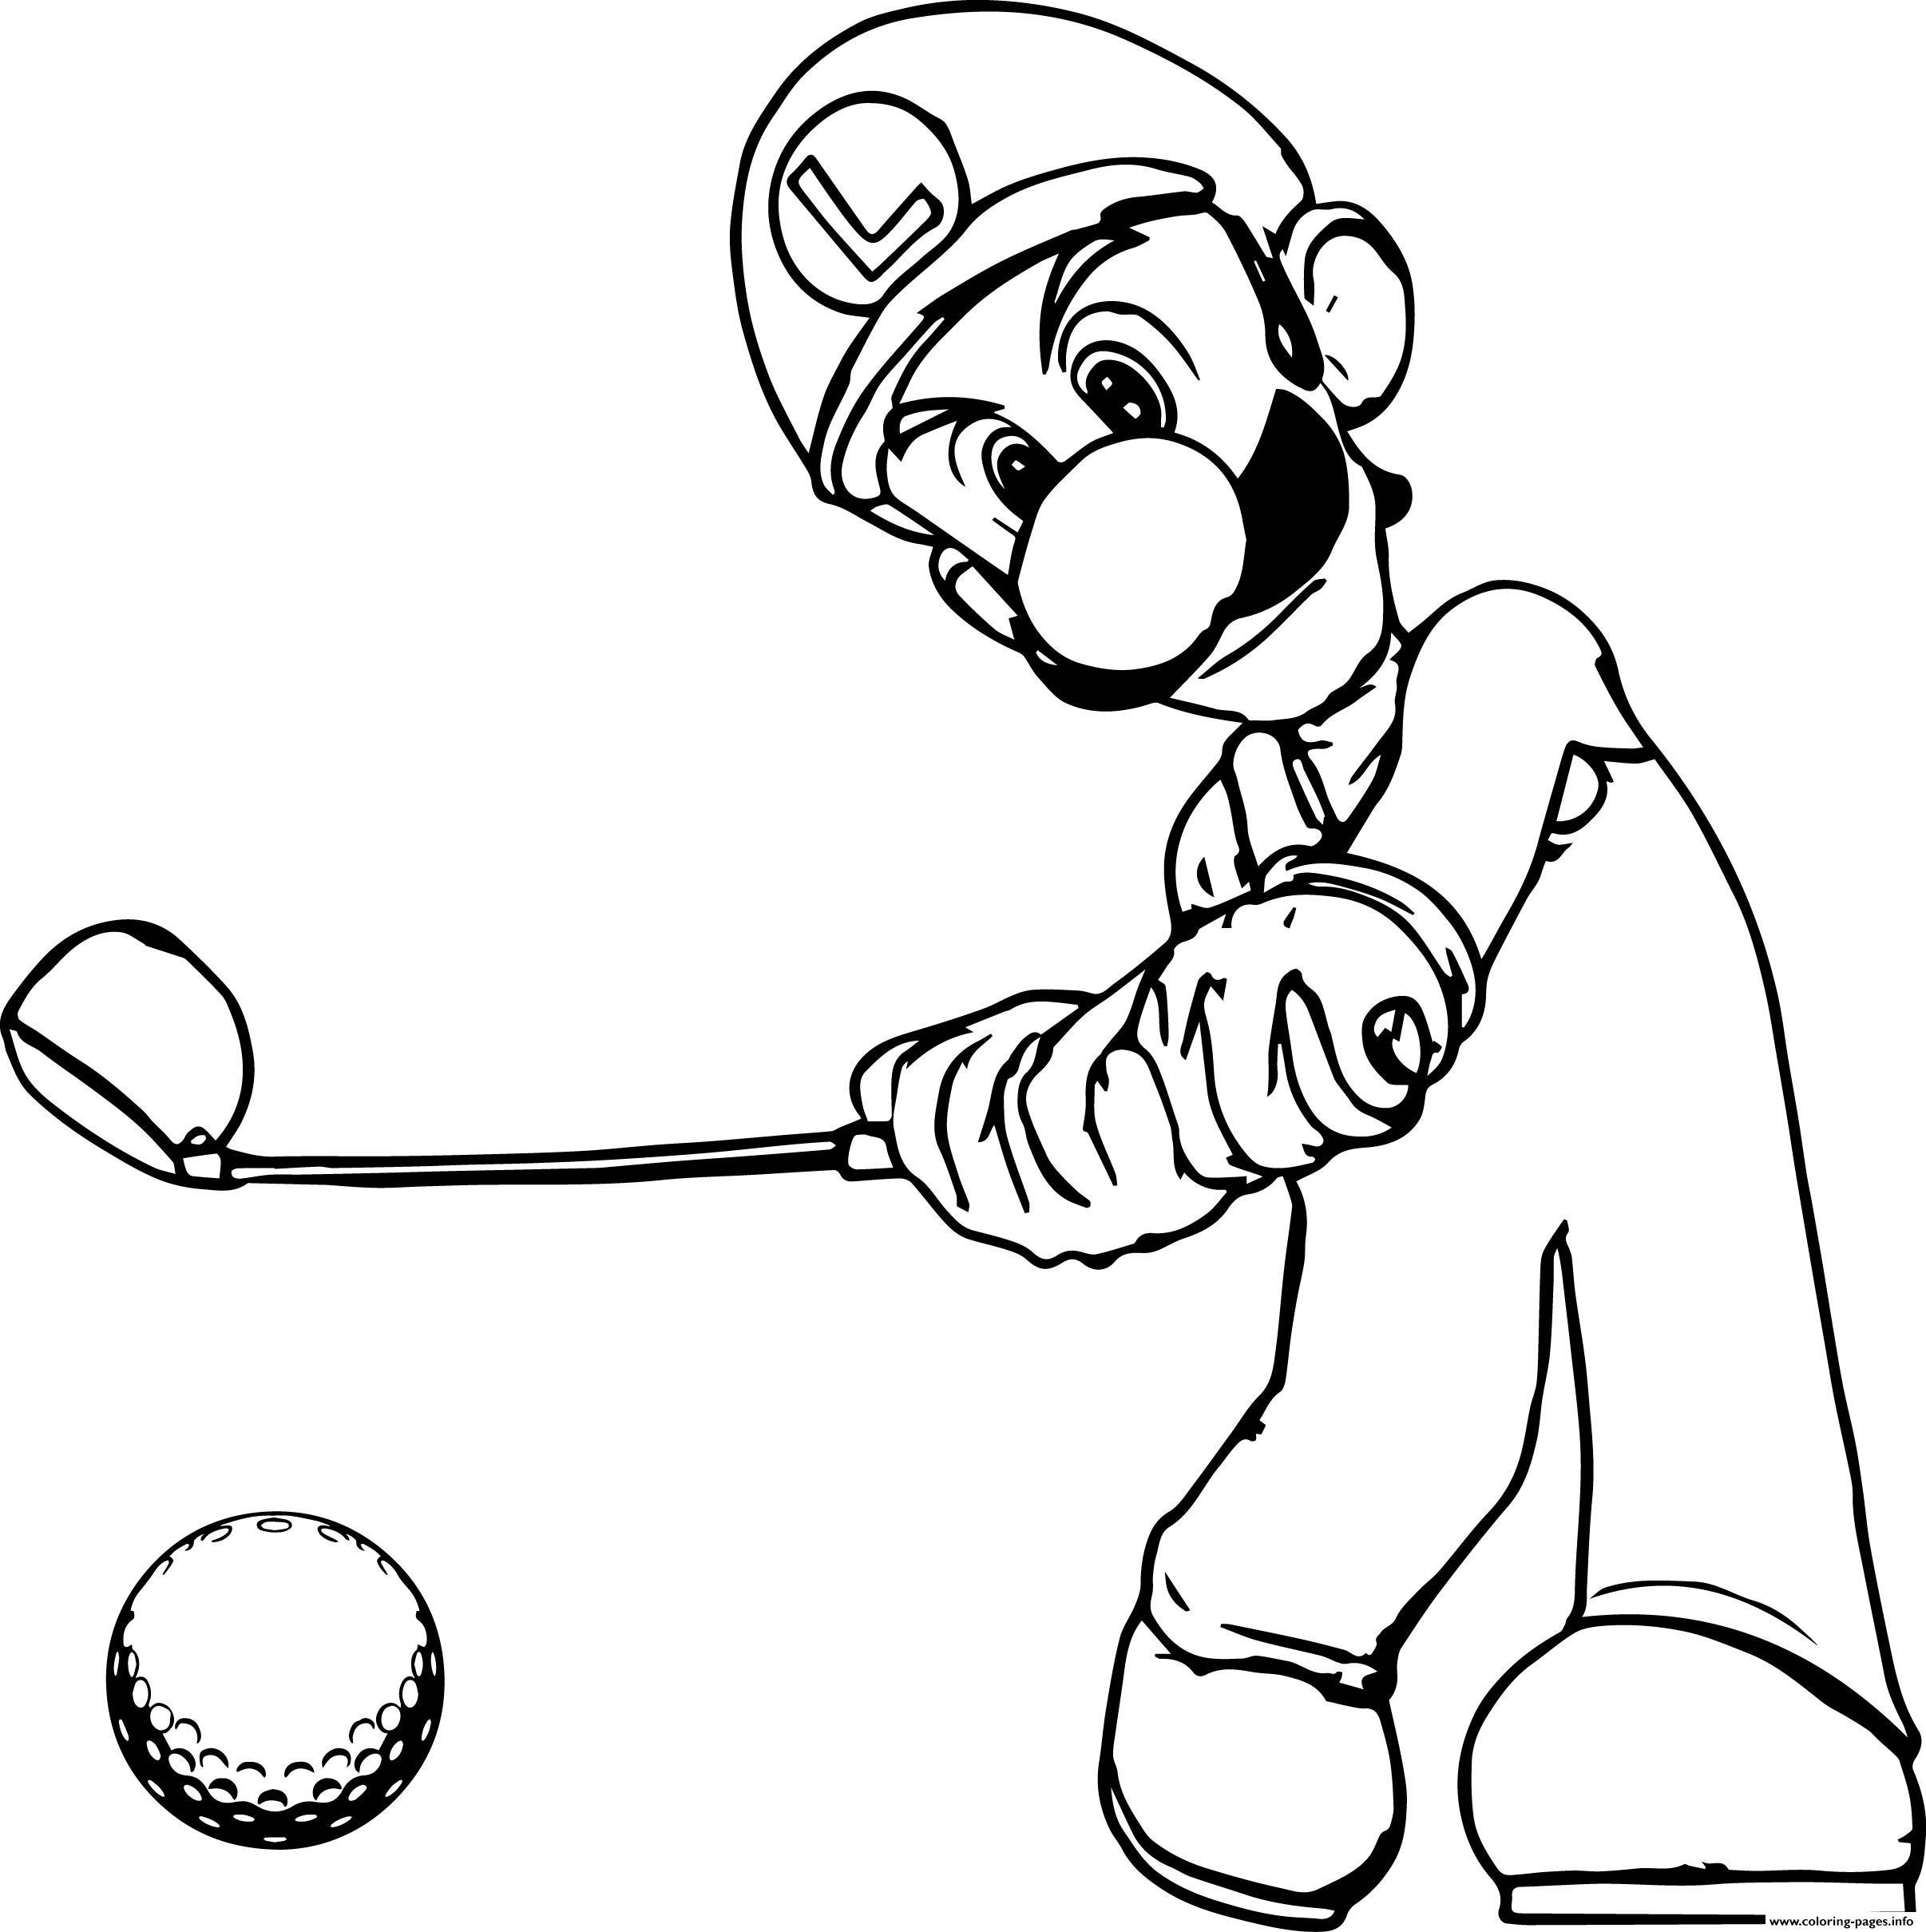 Super Mario Luigi Golf Coloring Pages Printable